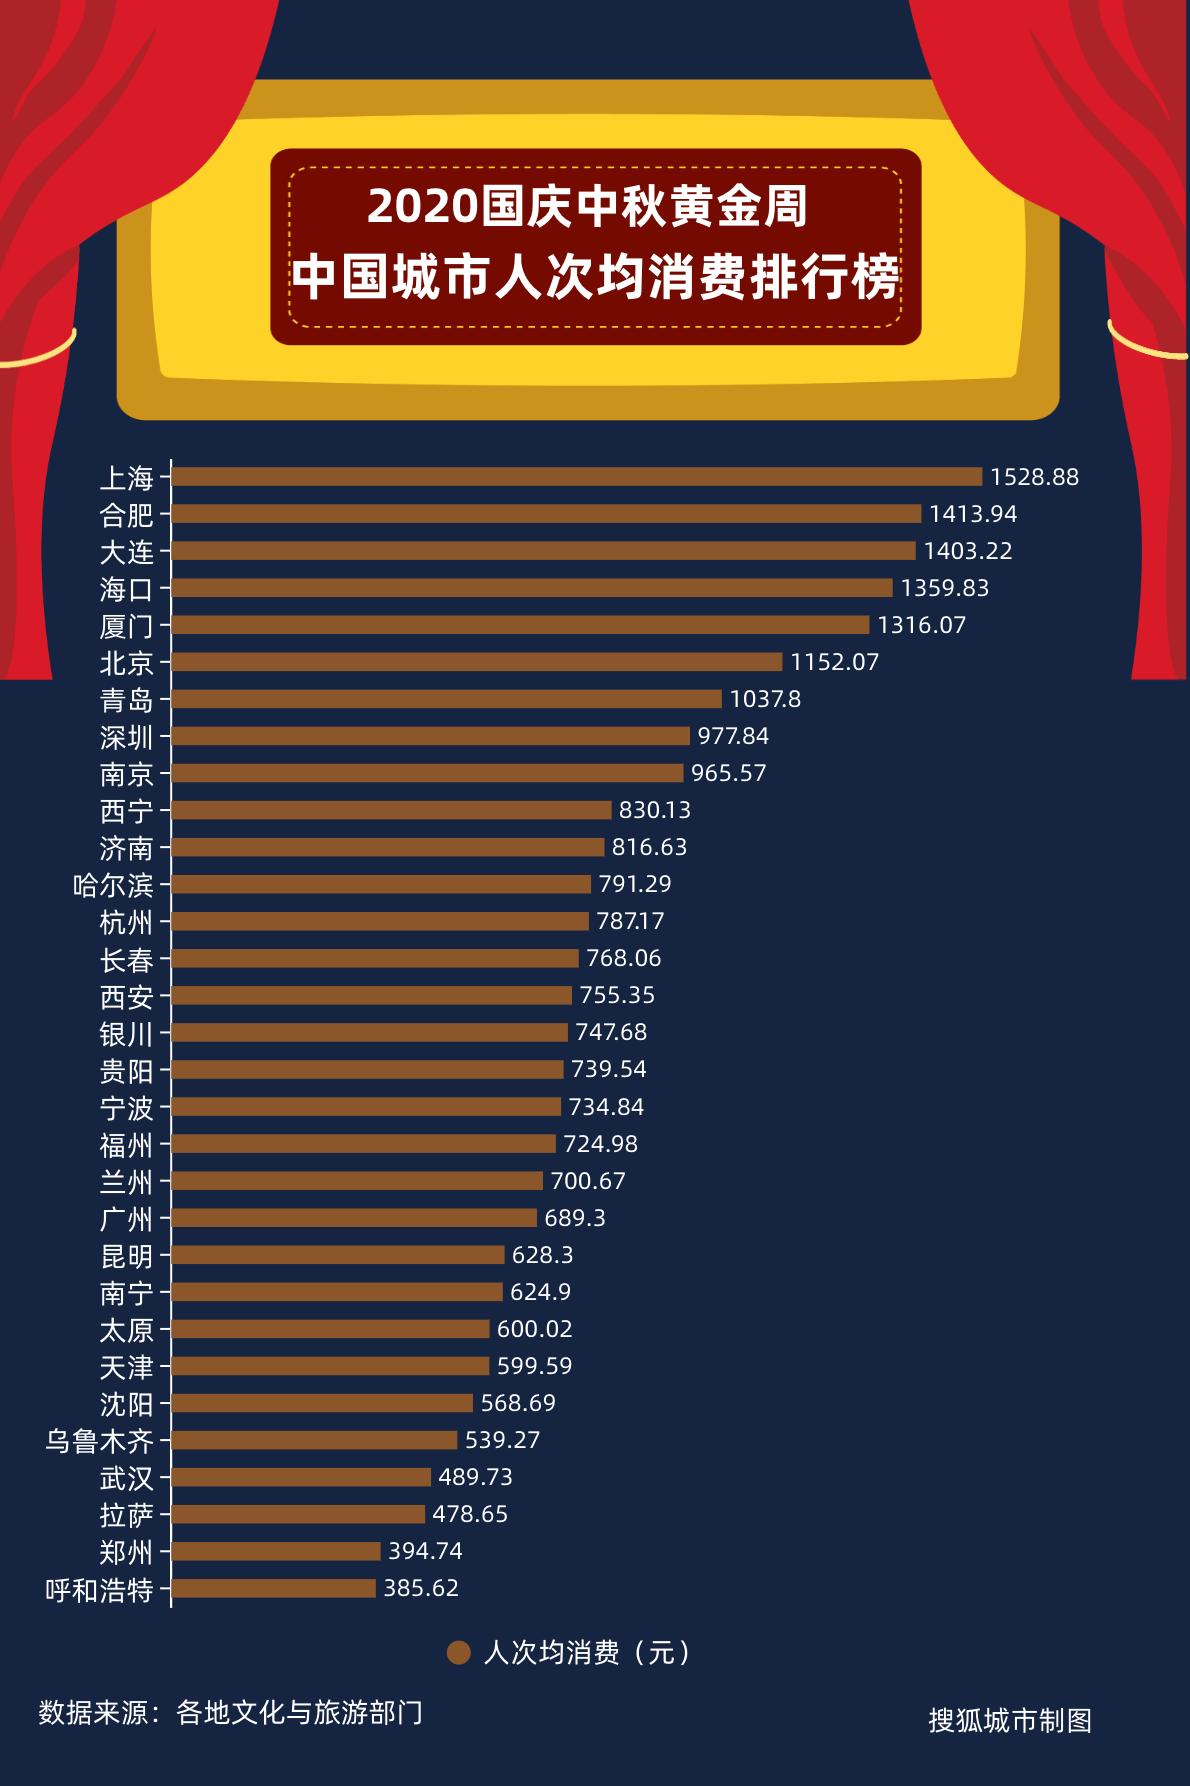 中国城市黄金周成绩单公布:武汉游客接待量登顶,杭州吸金最多插图(2)